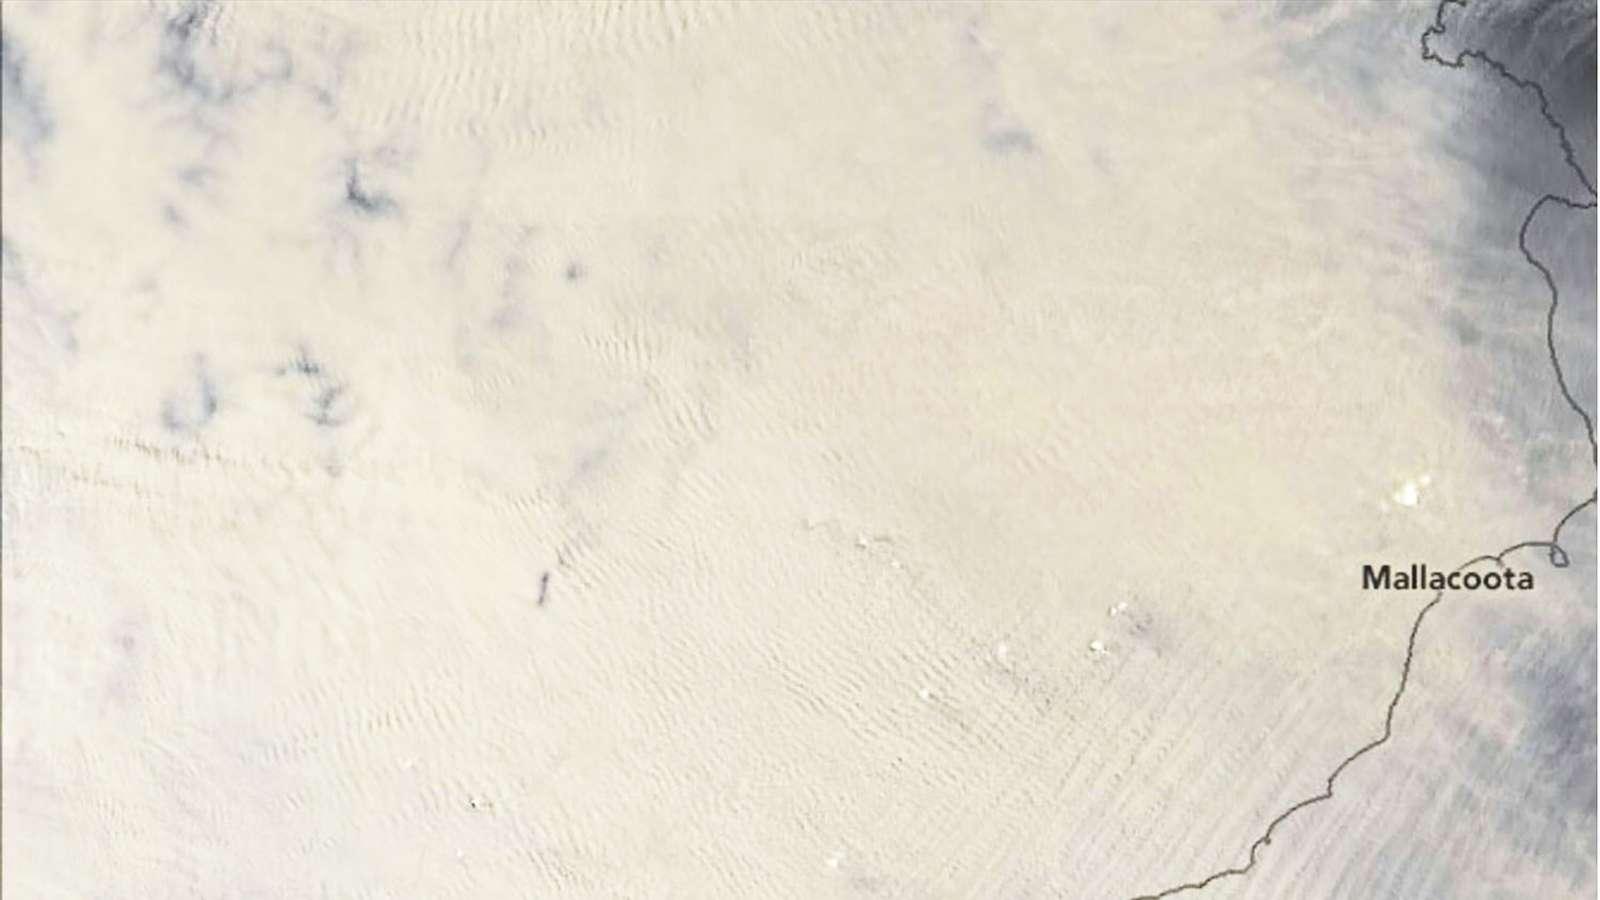 Satellittbilde fra romfartsorganisasjonen Nasa tatt av Sørøst-Australia 1.1 2020.